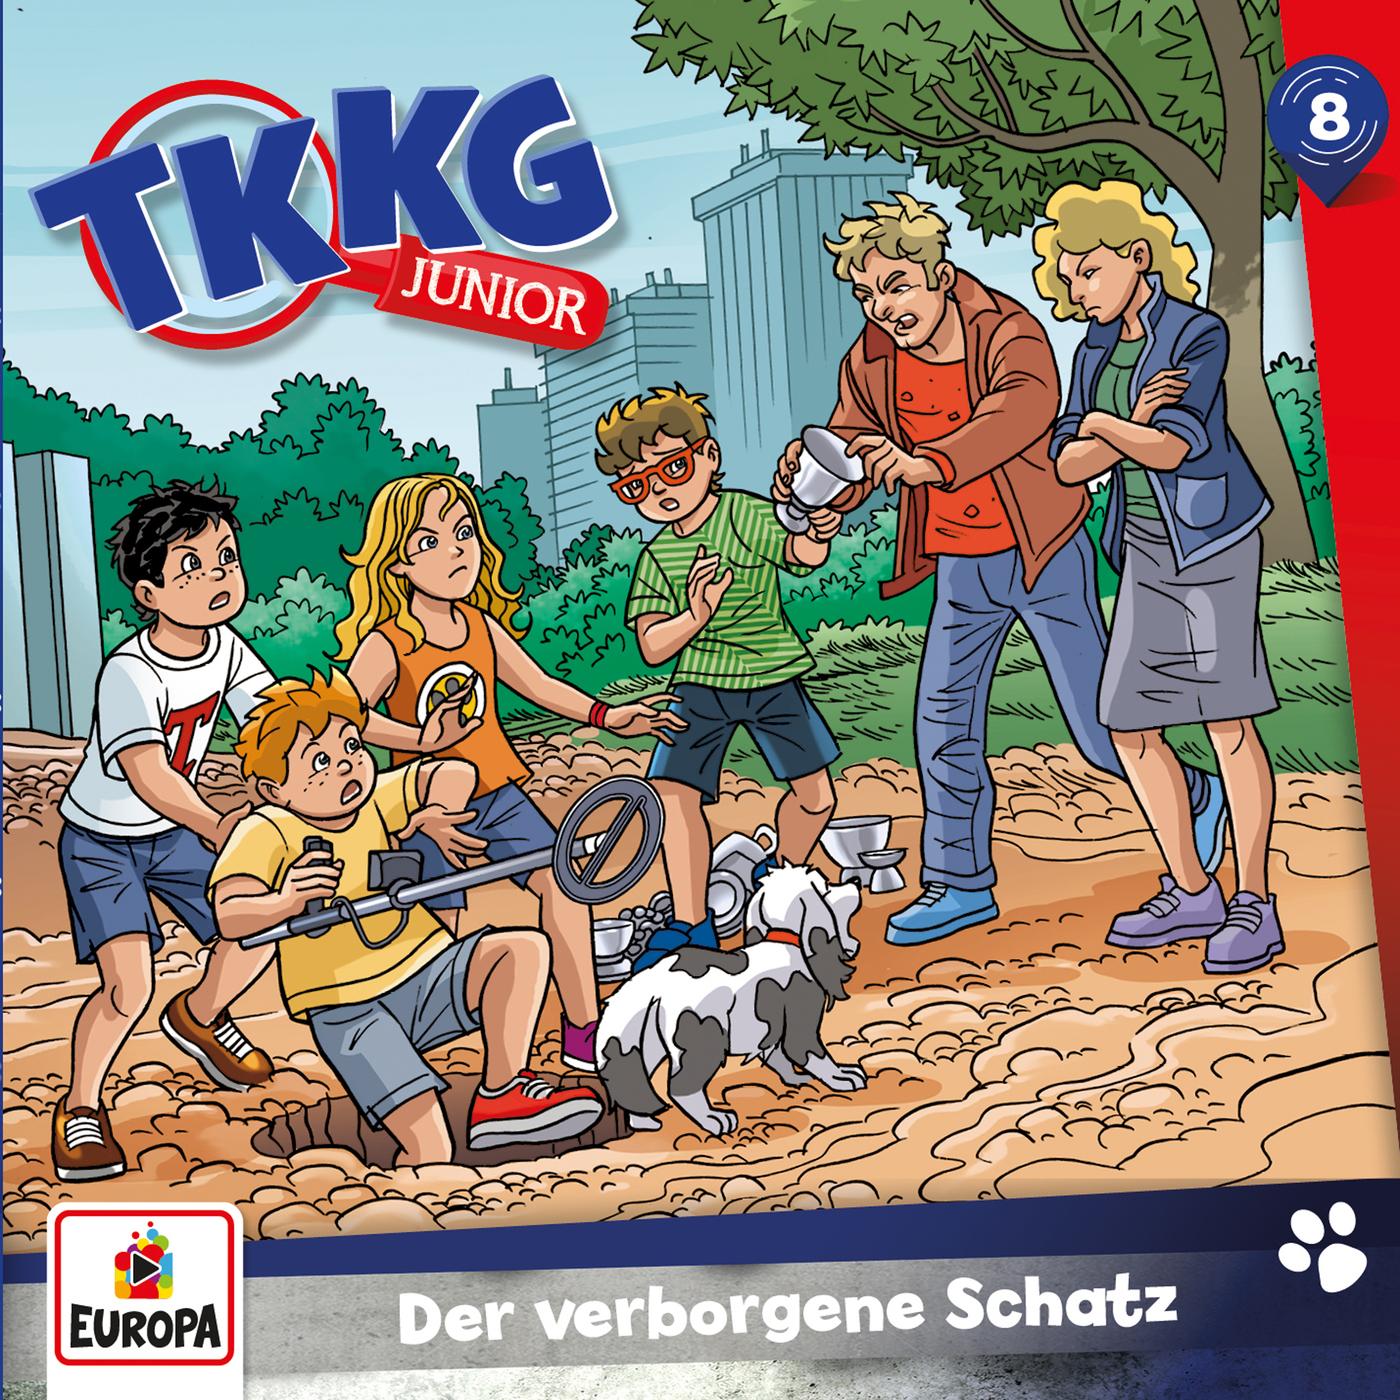 008/Der verborgene Schatz - TKKG Junior